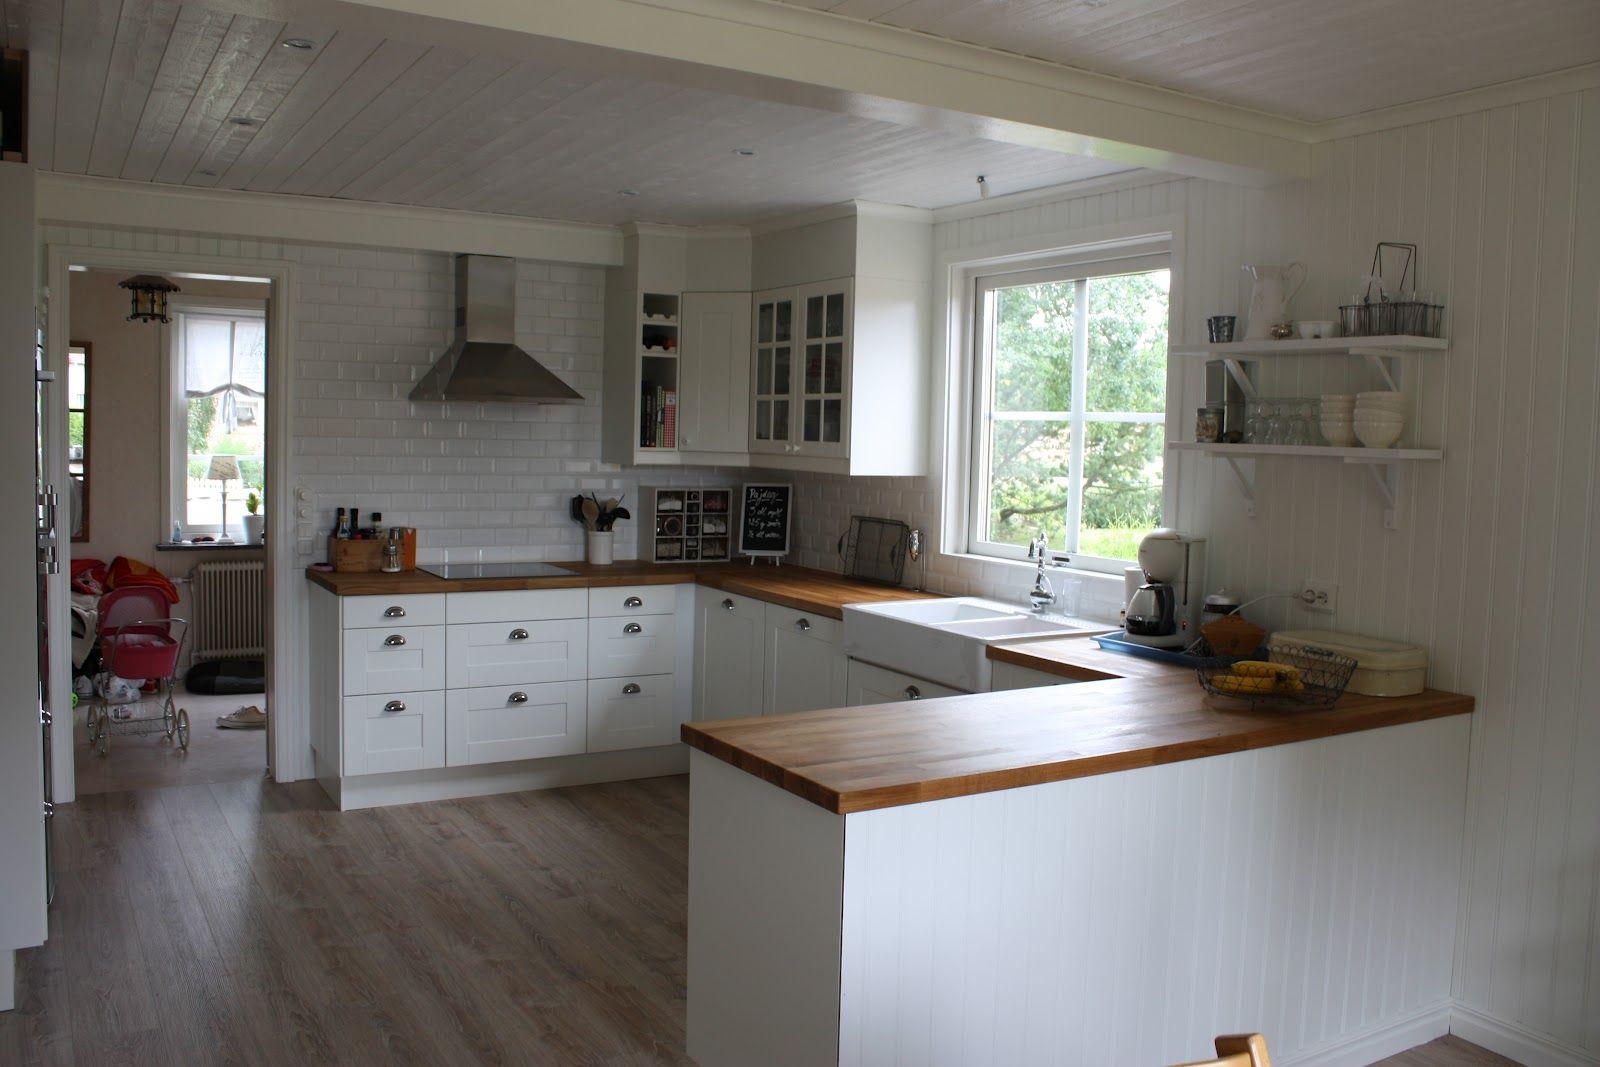 köksho framför fönstret - Sök på Google | Kök | Pinterest | Kök